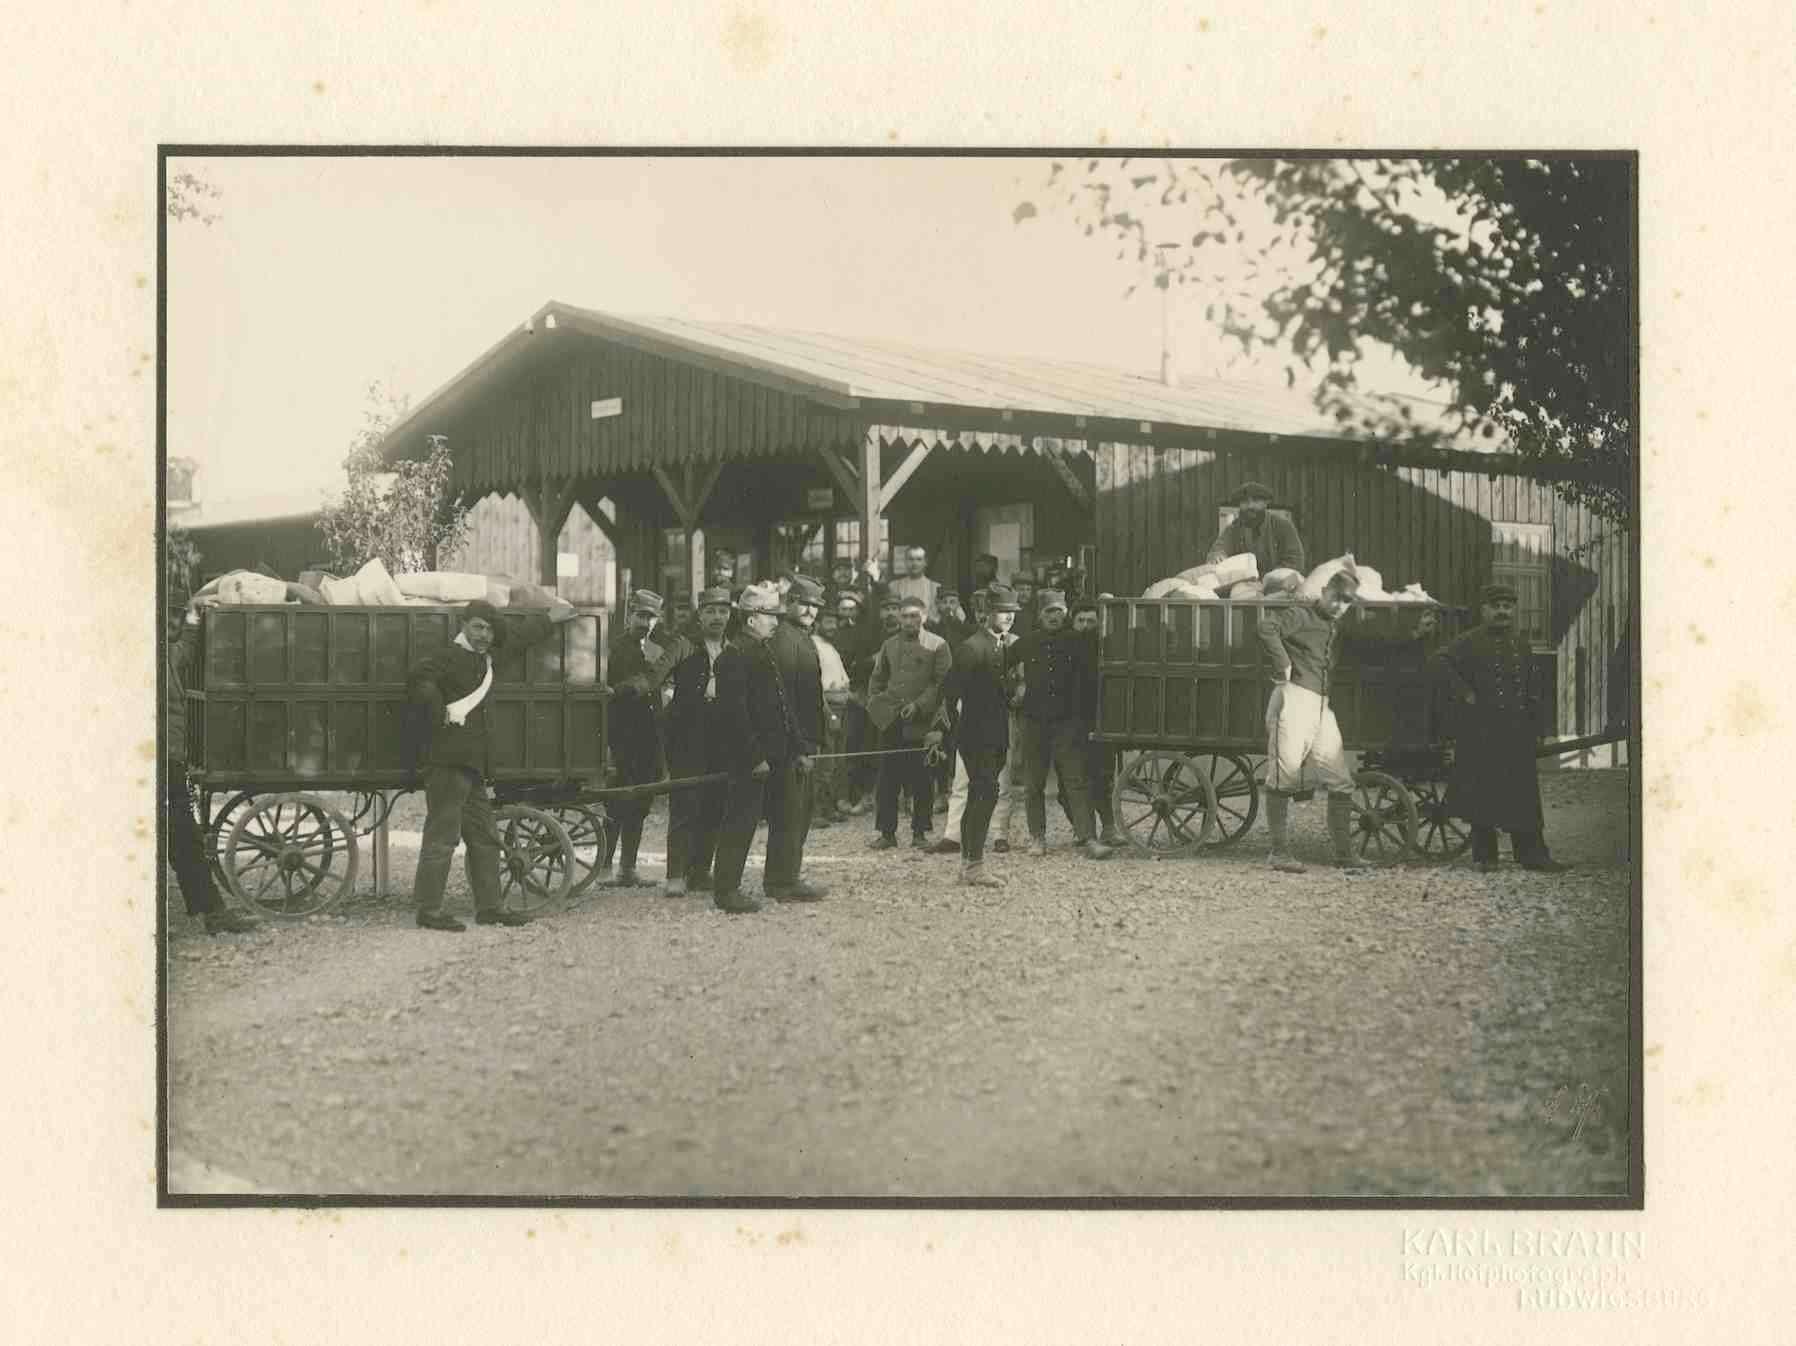 Kriegsgefangene an zwei Wagen mit Paketen stehend, im Hintergrund Baracke Kriegsgefangenlager Ludwigsburg-Eglosheim, Bild 1